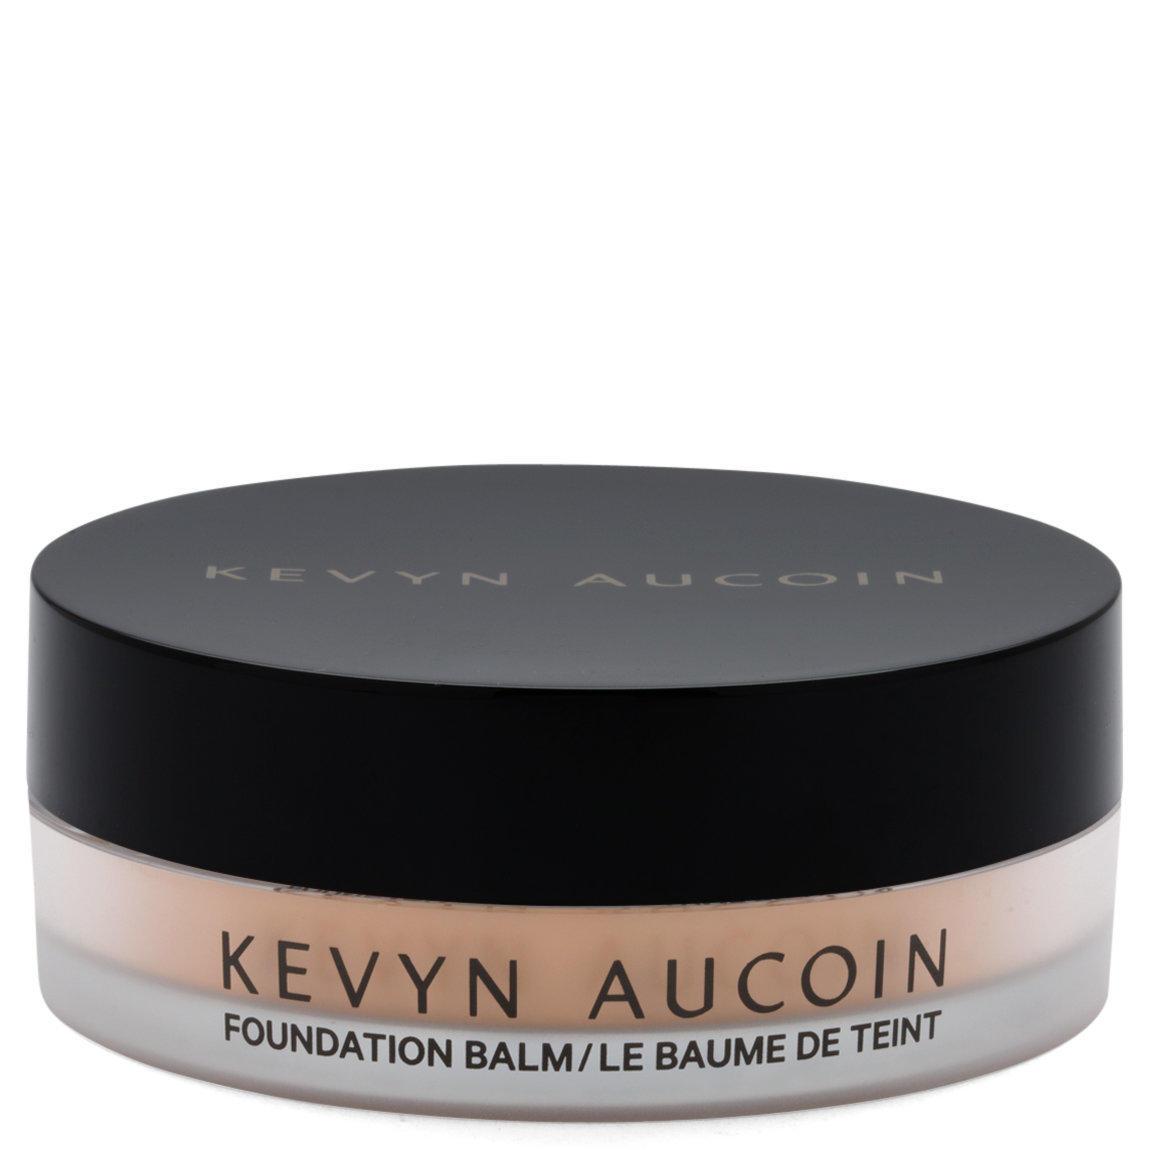 Kevyn Aucoin Foundation Balm Light FB05